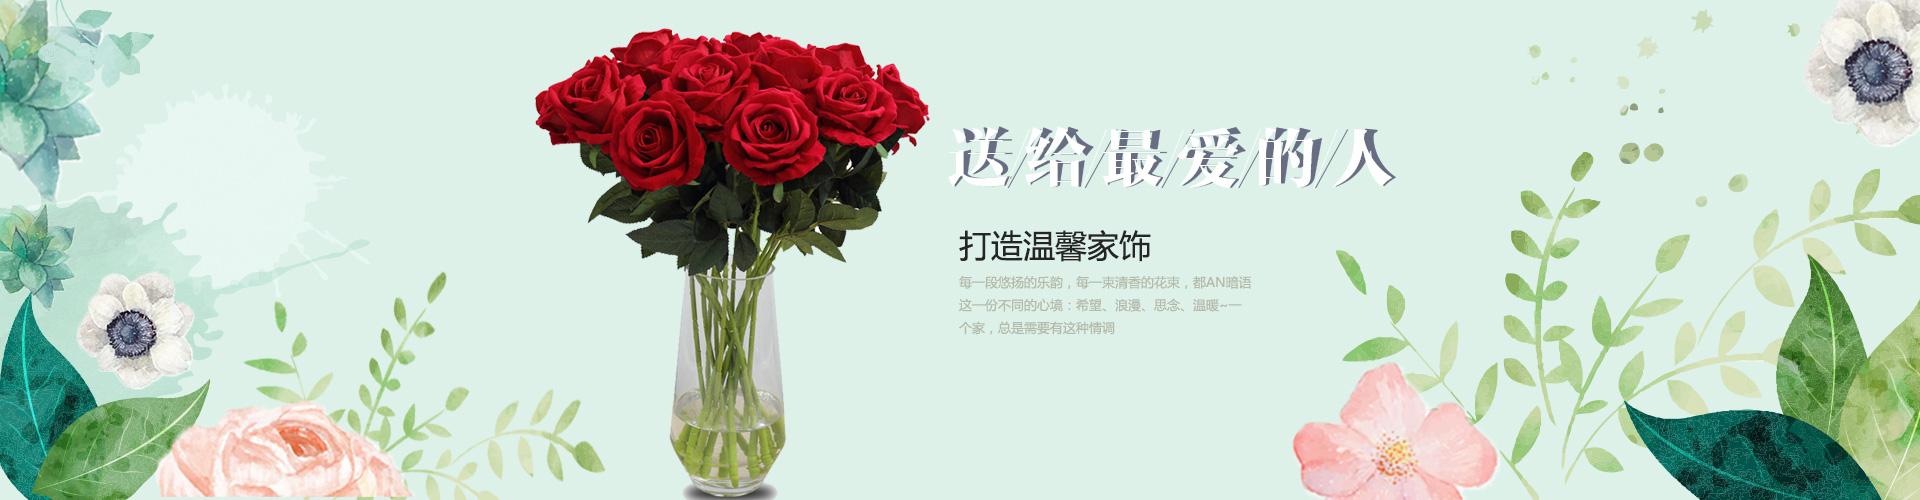 贵州插花花艺